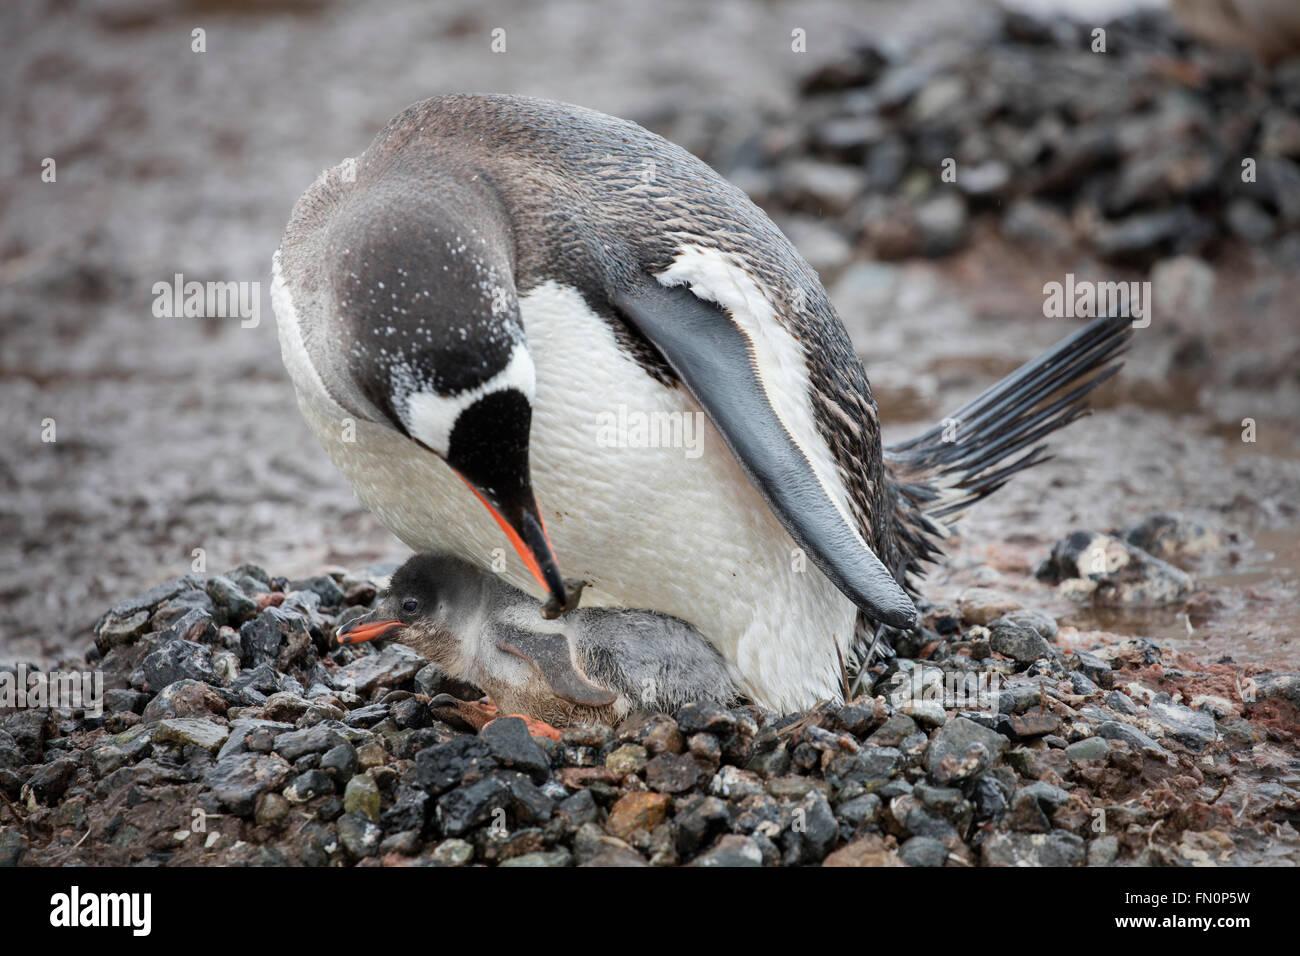 L'antarctique, péninsule antarctique, Port Lockroy, Gentoo pingouin, des profils avec chick sur son nid Photo Stock